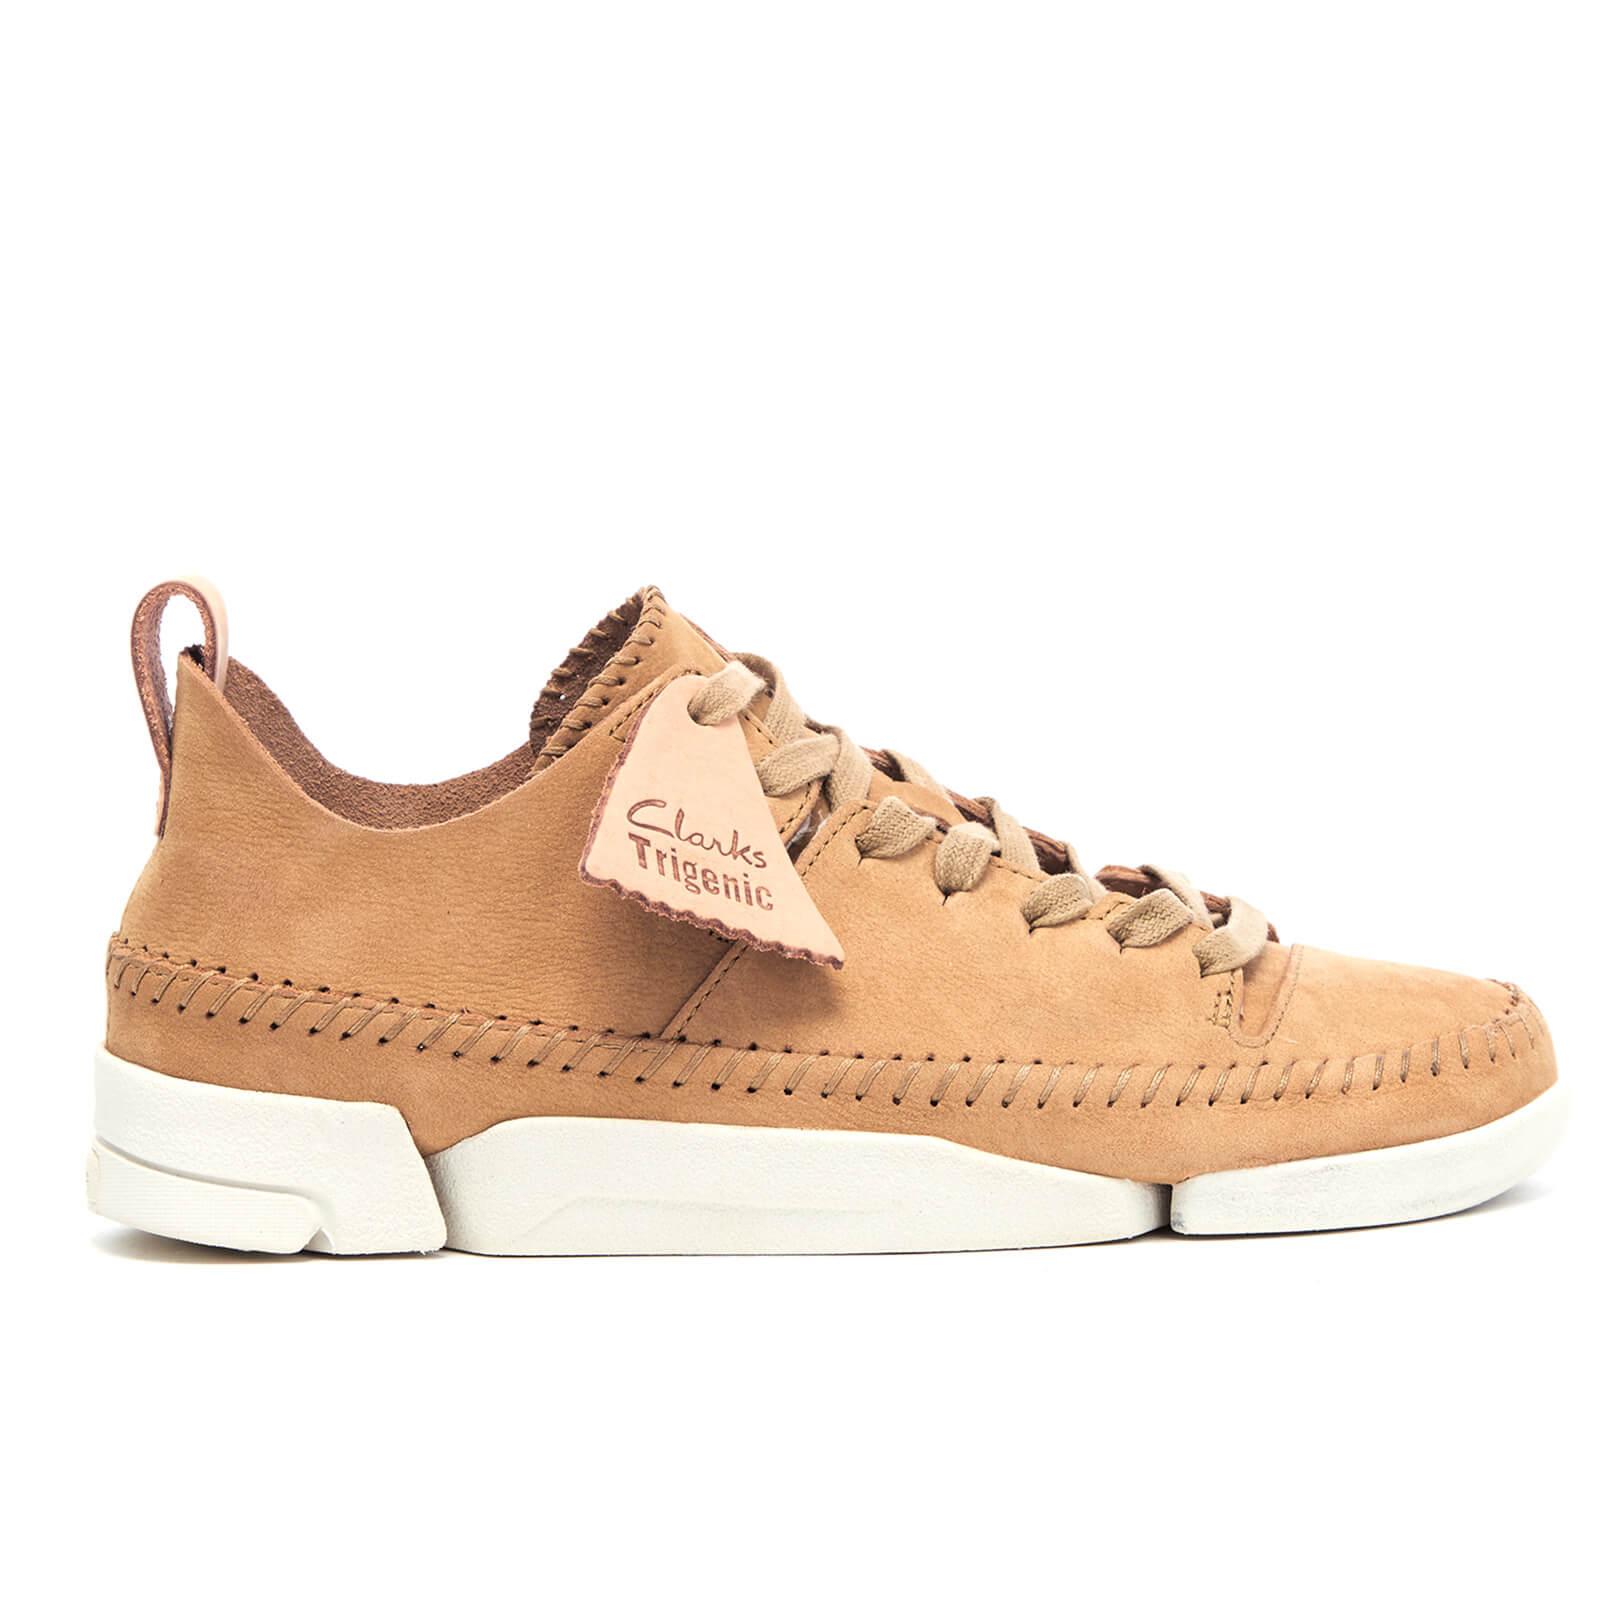 0e98219f Clarks Originals Women's Trigenic Flex Shoes - Maple Nubuck | FREE UK  Delivery | Allsole